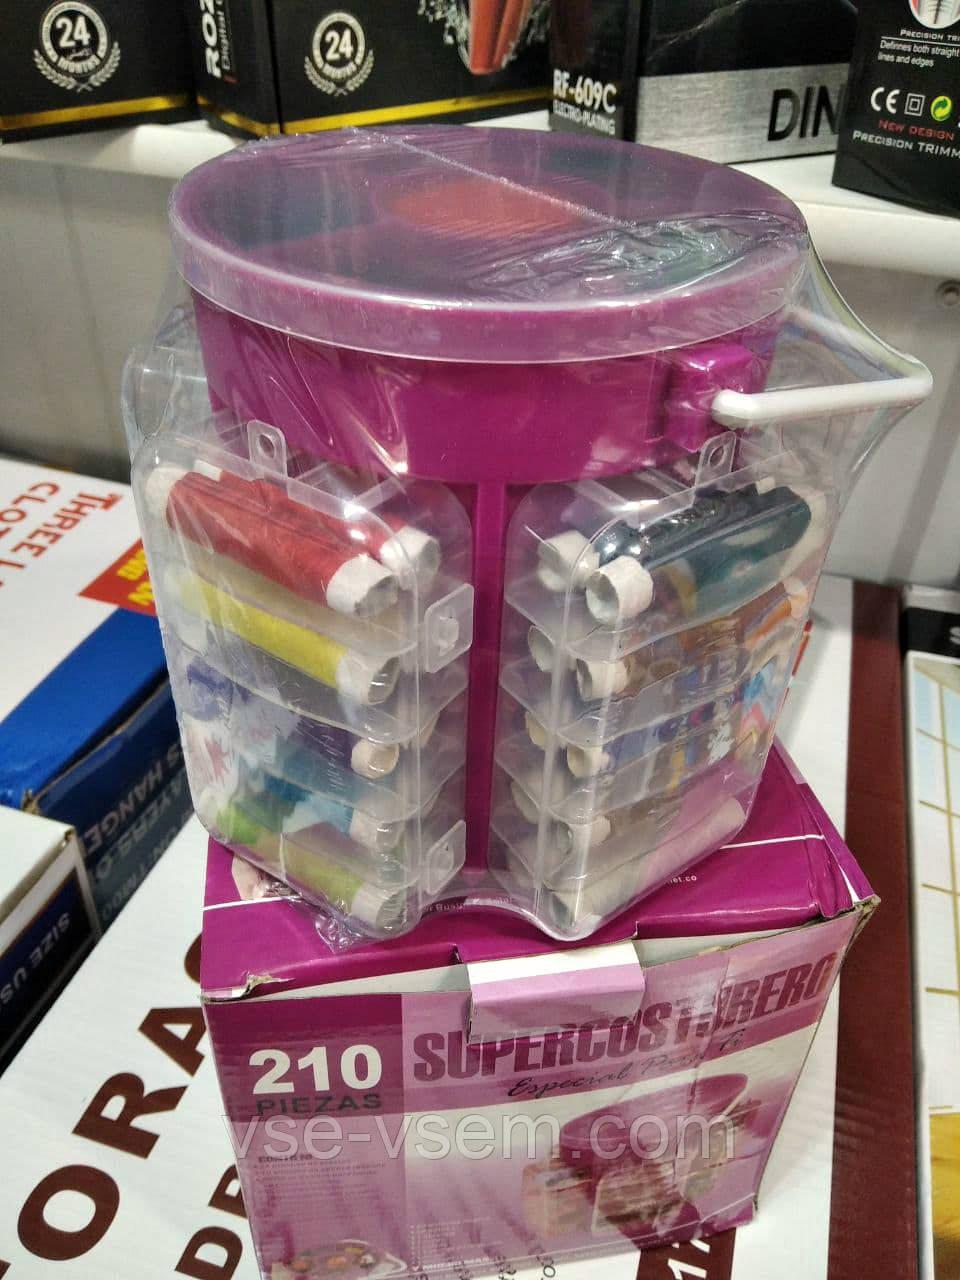 Швейний набір - органайзер - Supercos Turero на 210 предметів